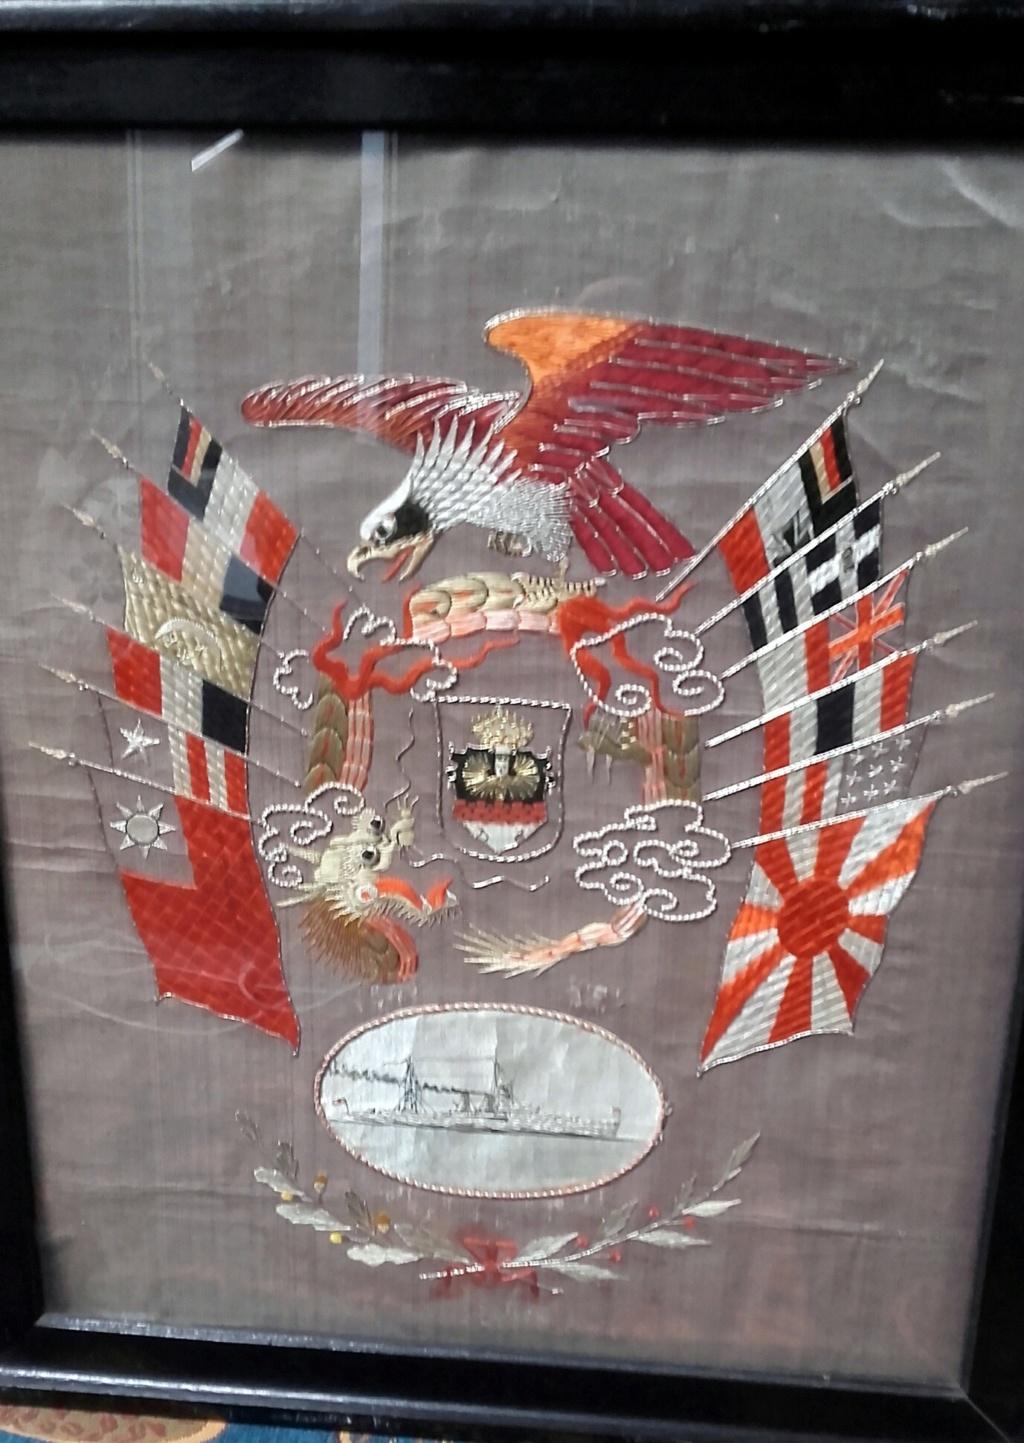 Tableau réserviste Chine et casquette enfant troupes coloniales  20200449